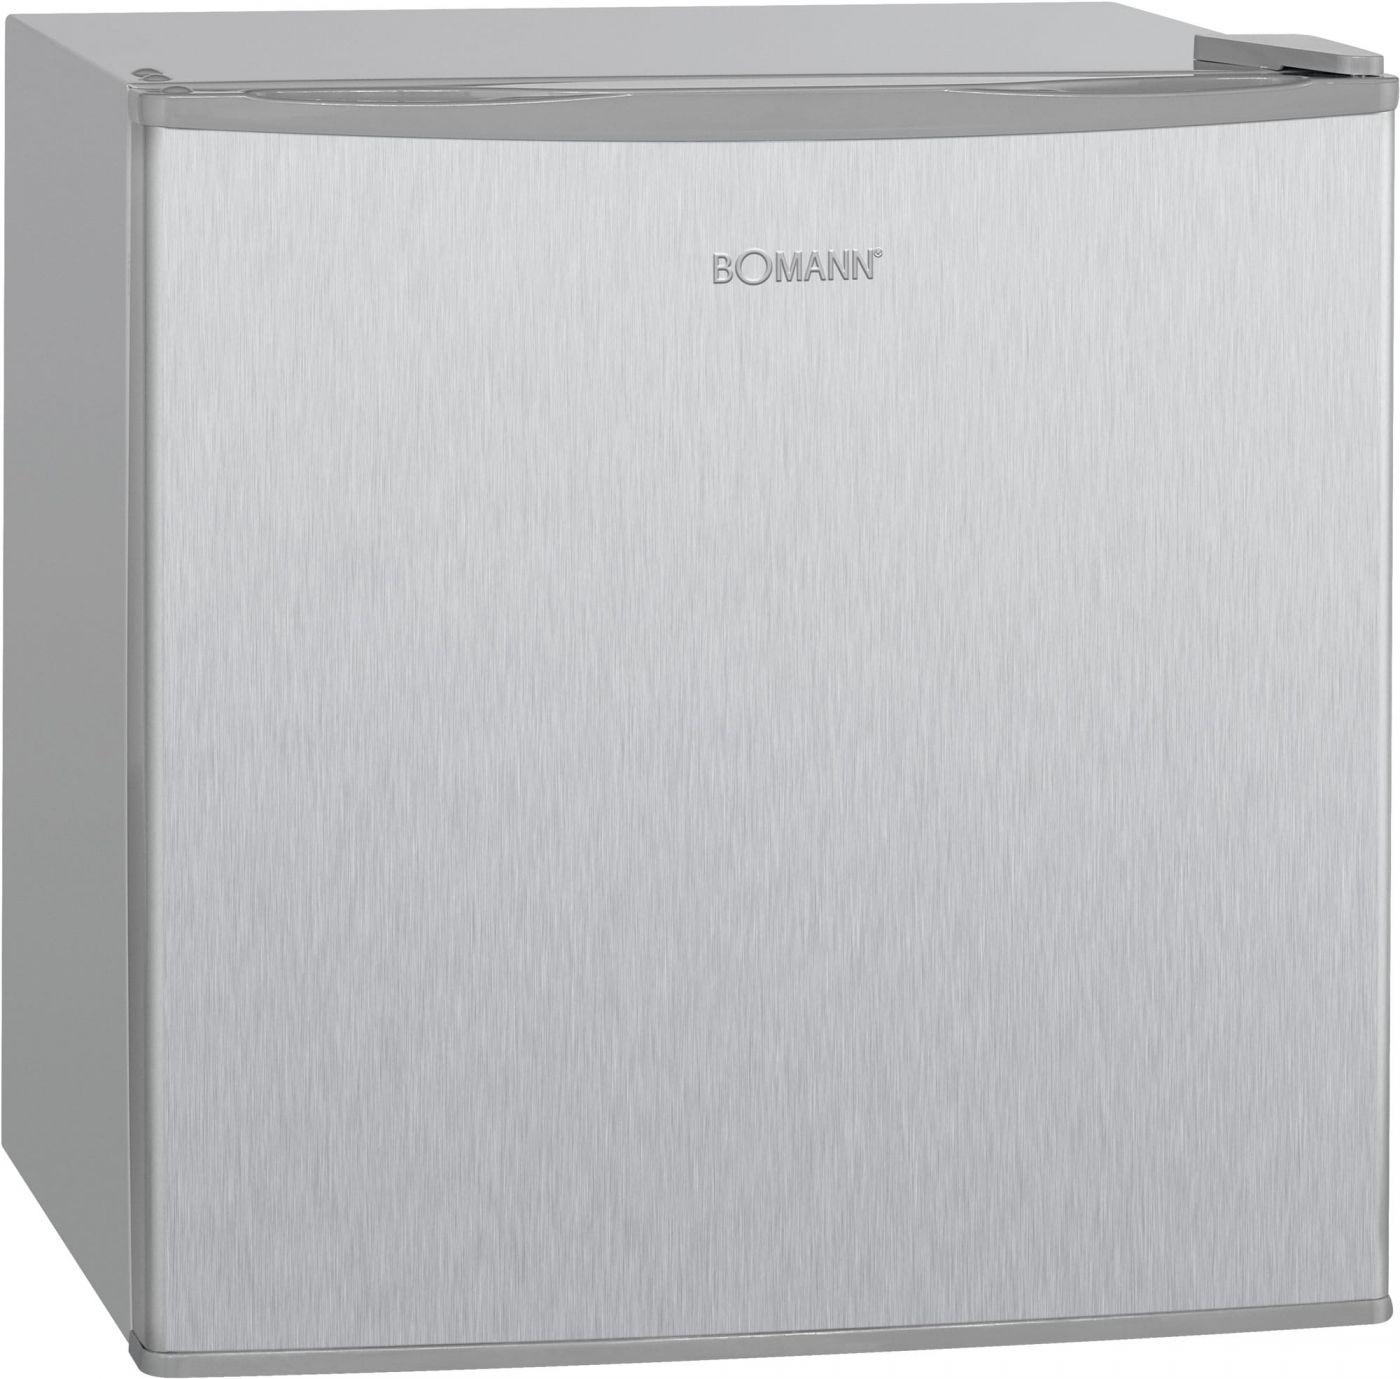 Морозильник Bomann GB 341 inox